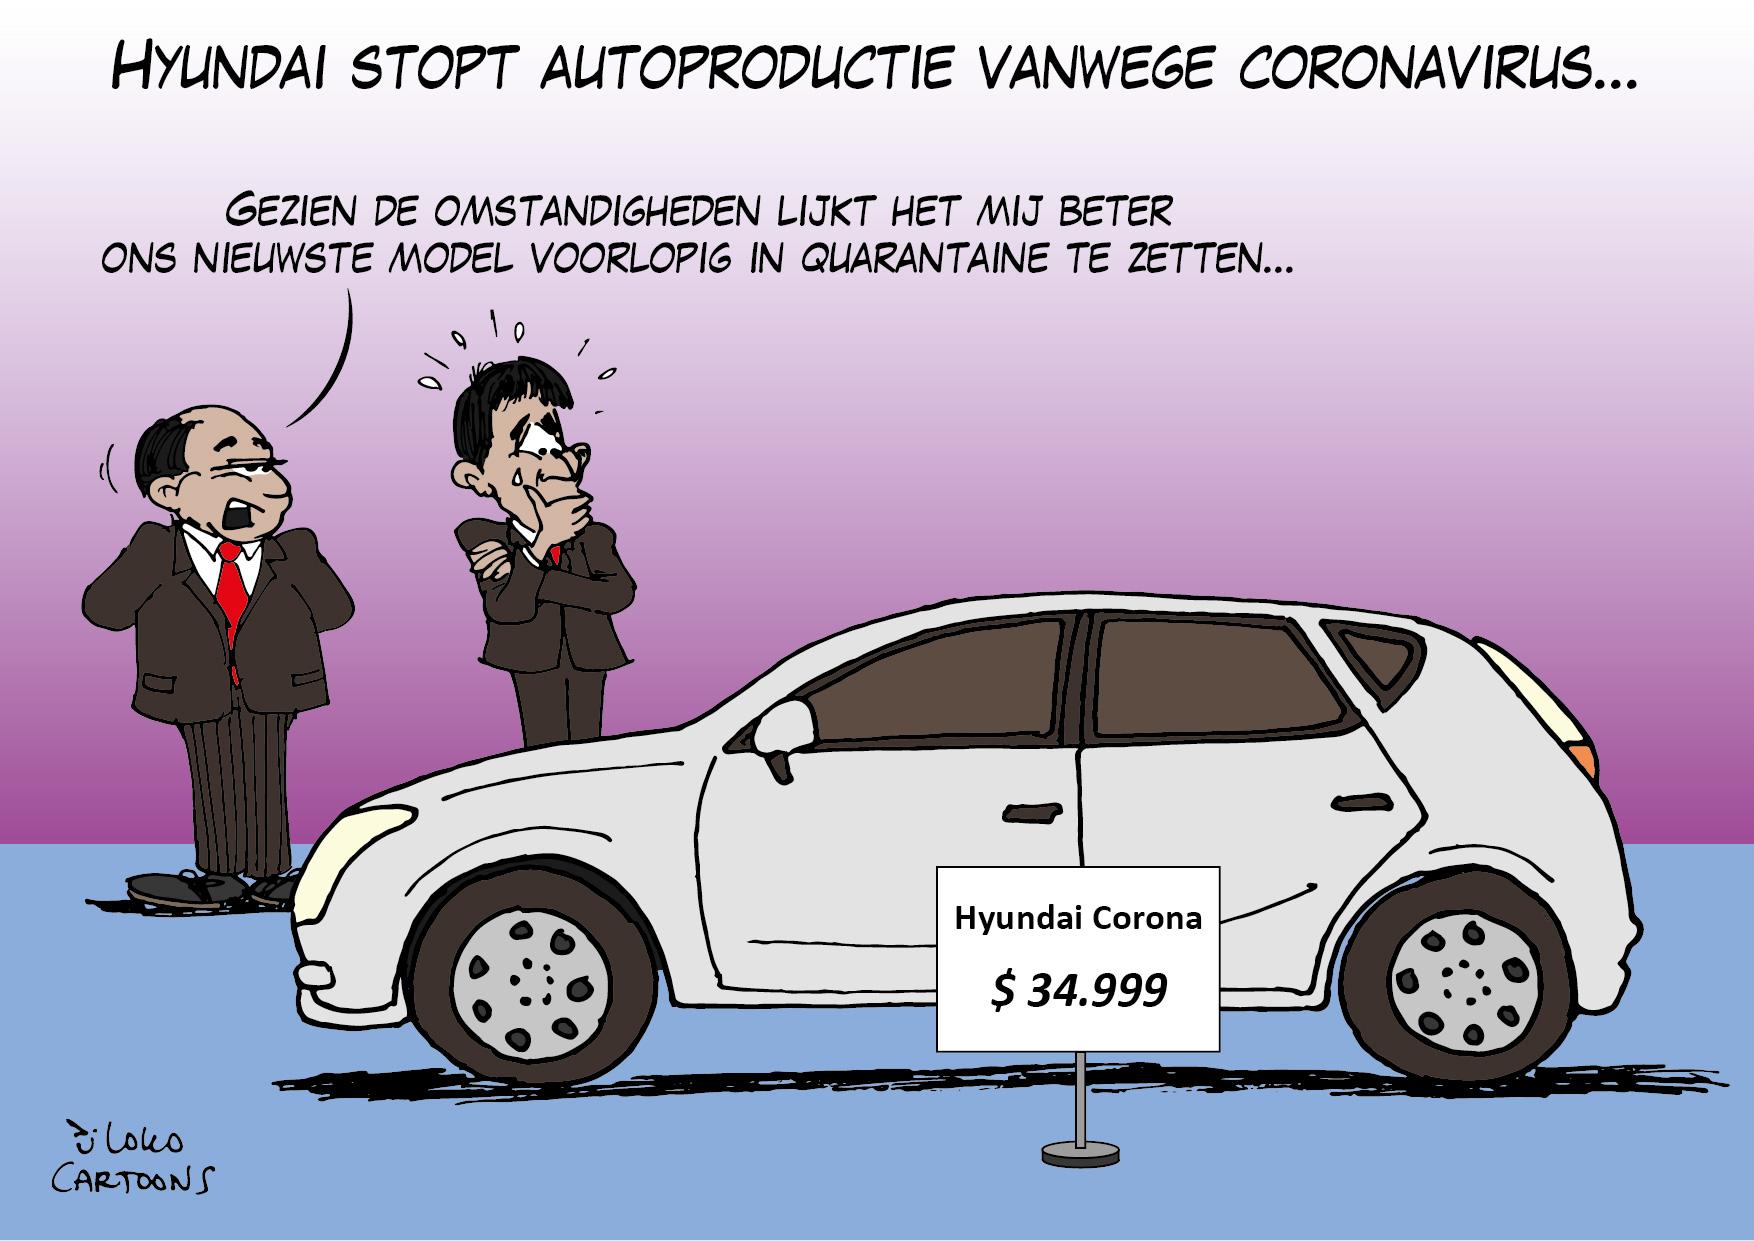 Hyundai stopt autoproductie vanwege coronavirus…